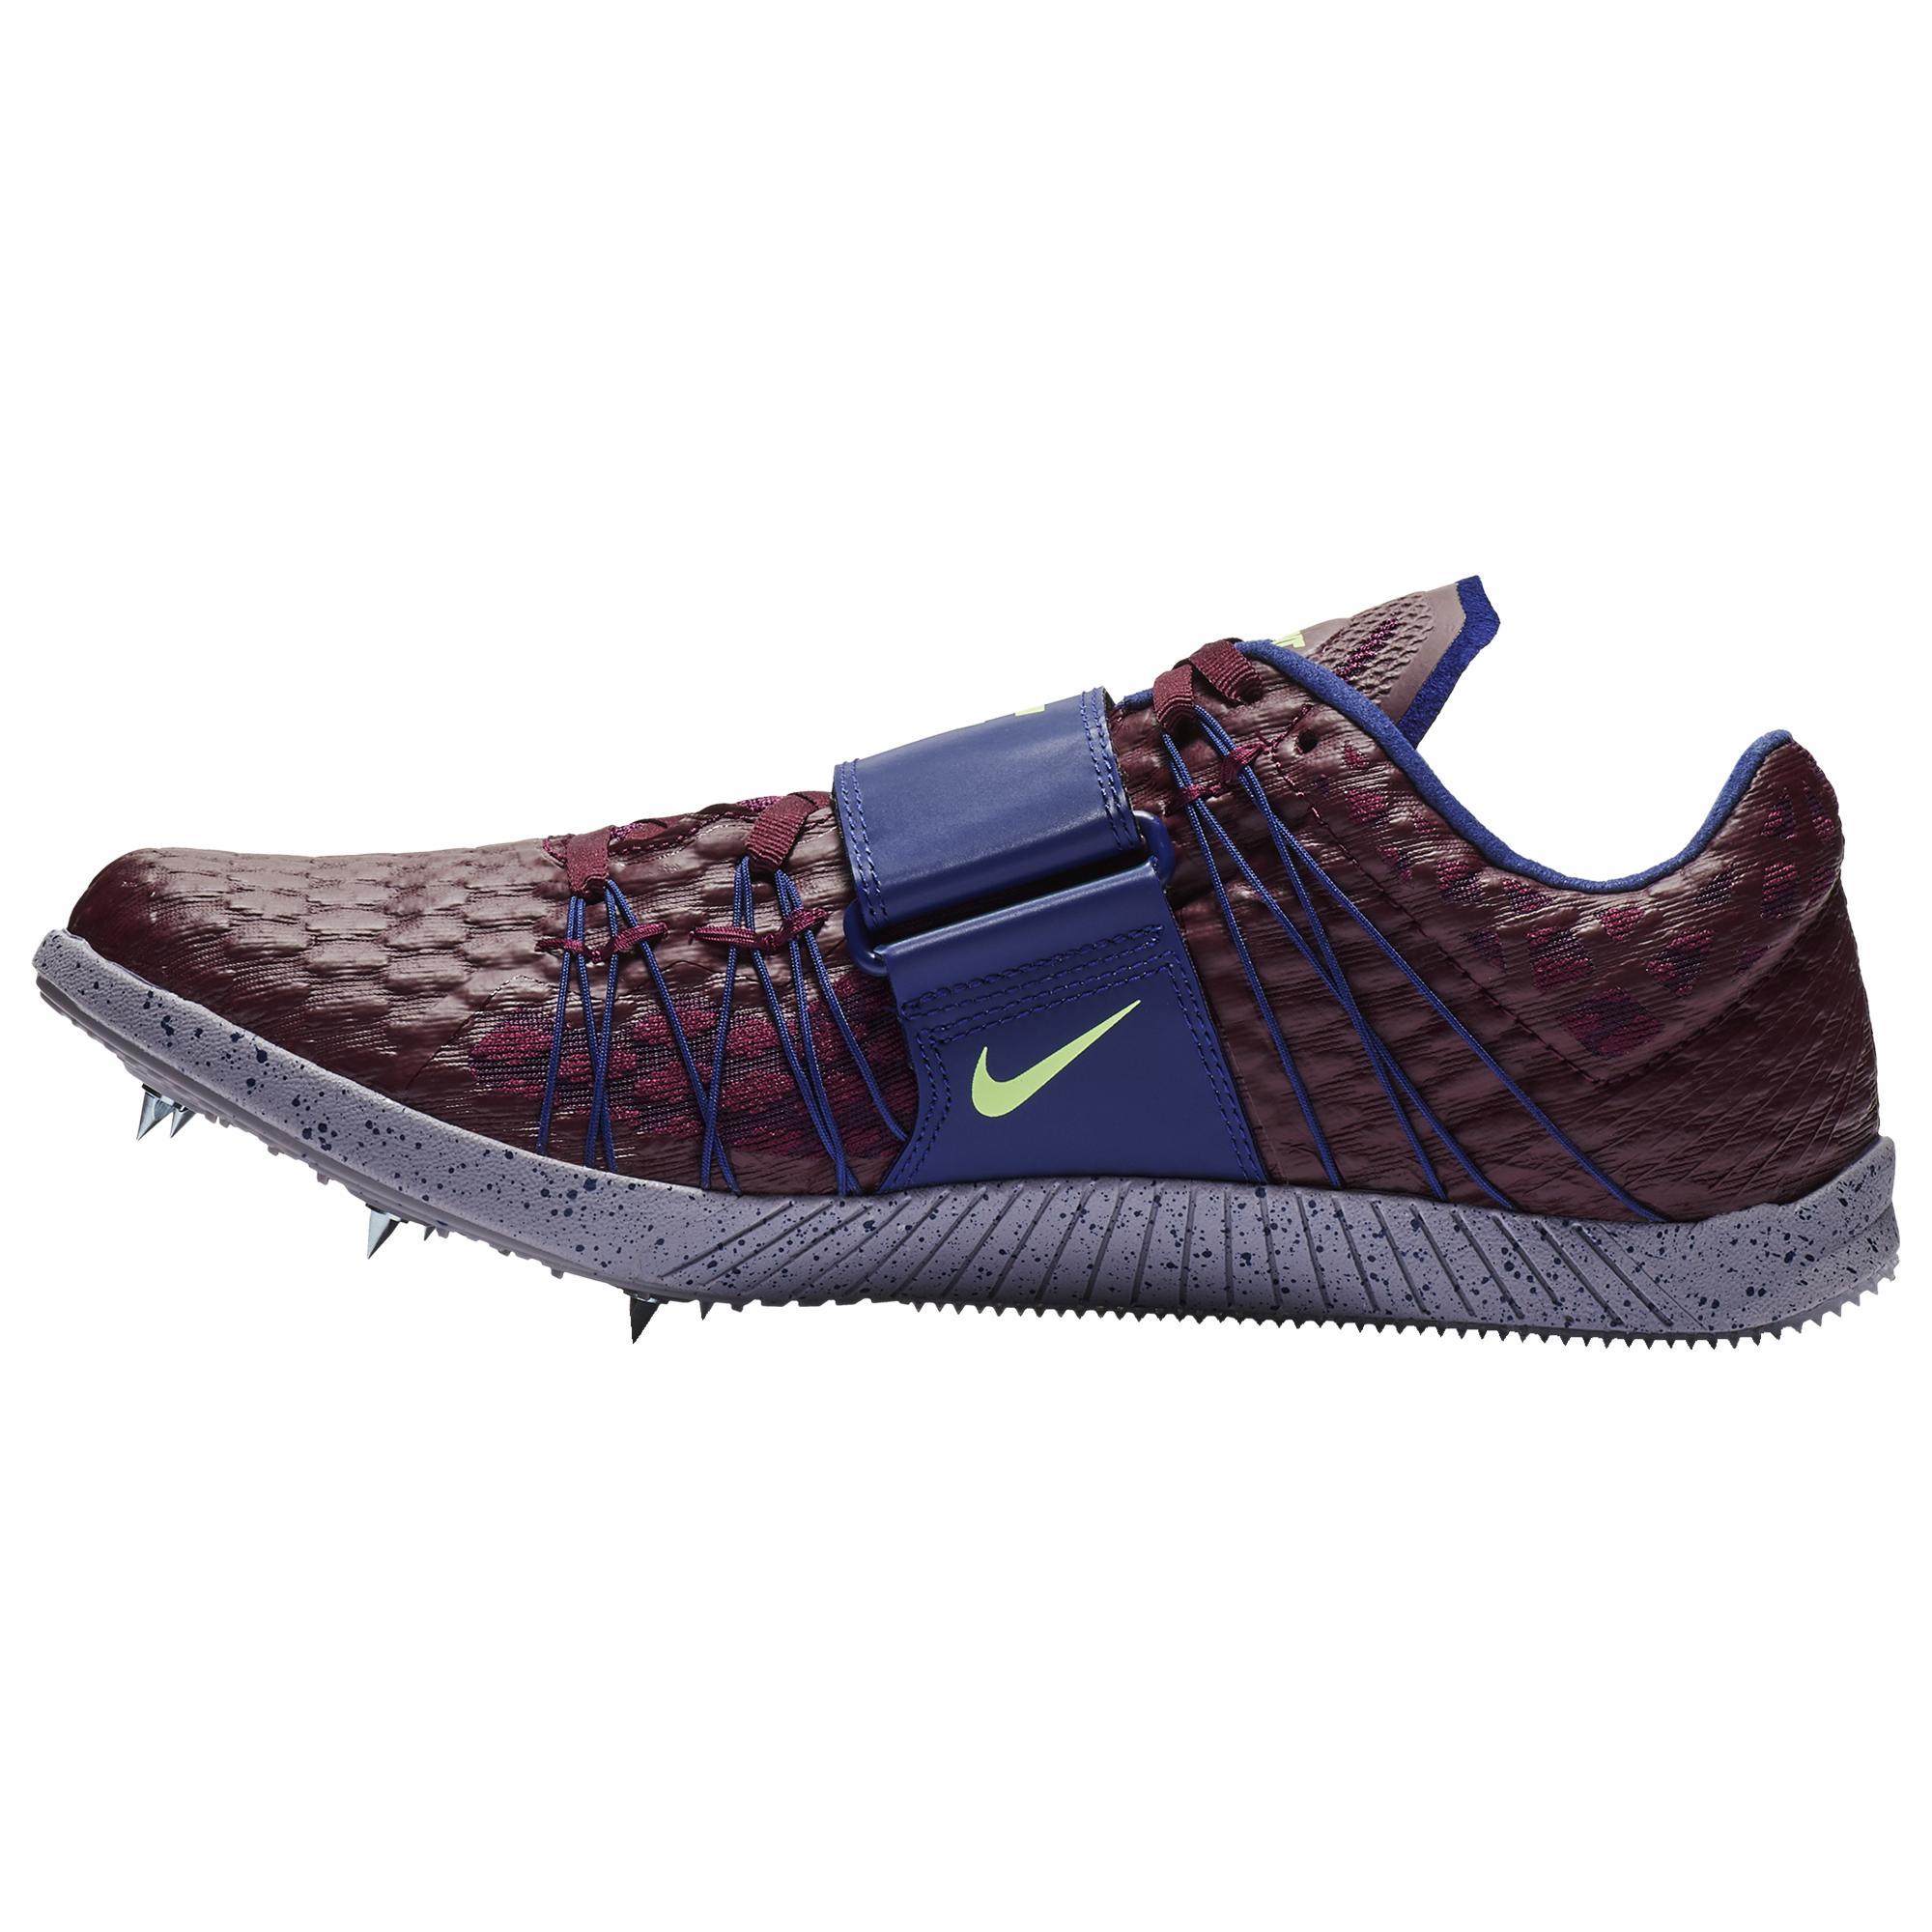 Nike Zoom Tj Elite Triple Jump Shoes in